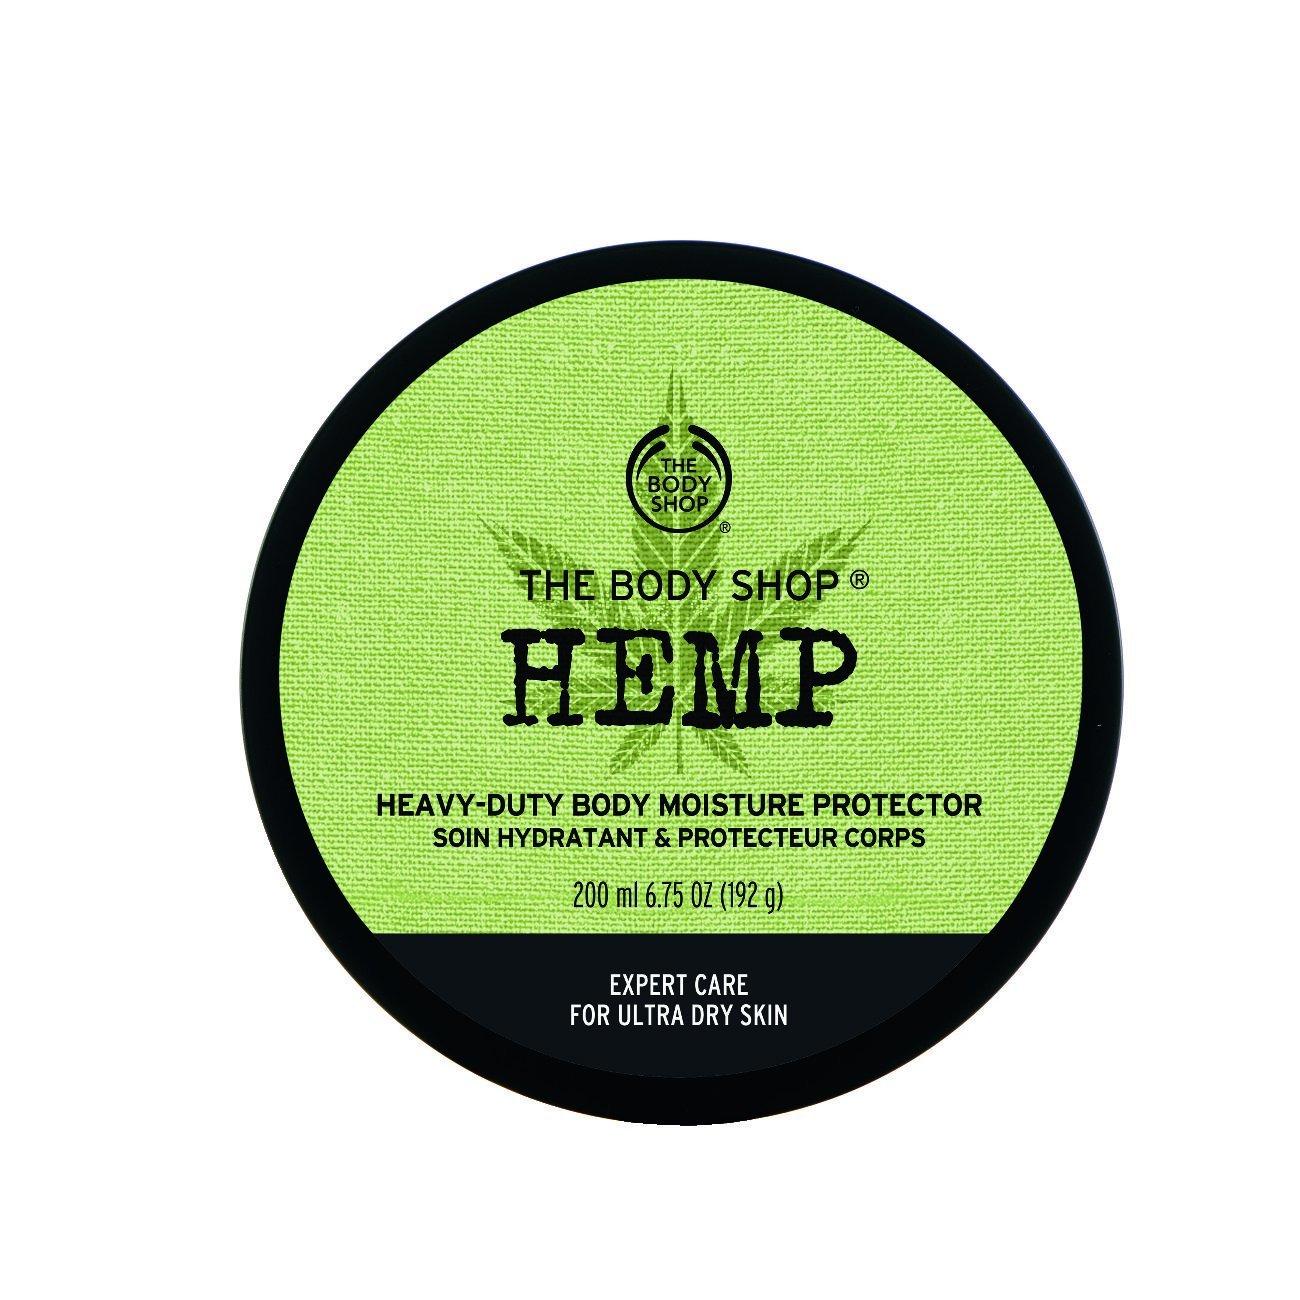 The Body Shop Hemp Body Butter 200ml HealthCentre 5028197850821